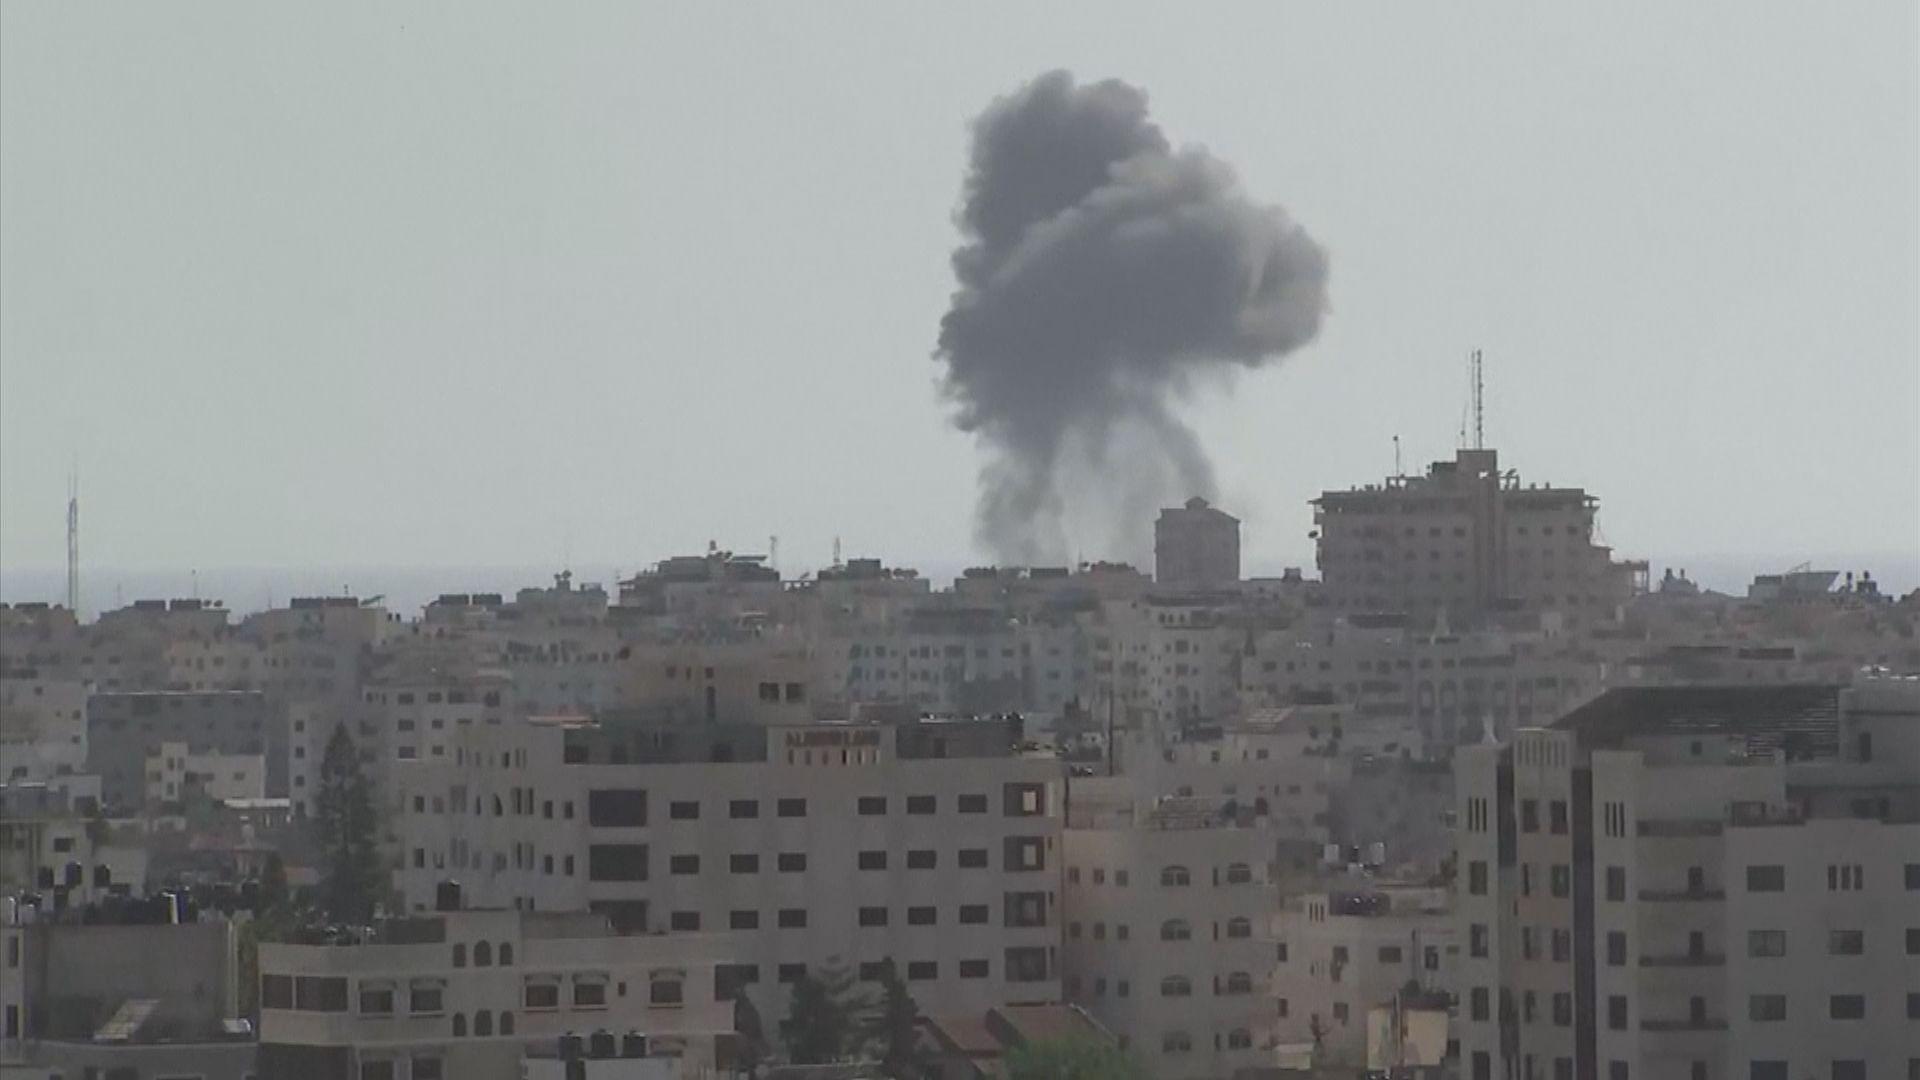 埃及政府尋求以巴停火 巴勒斯坦官員確認談判進行中